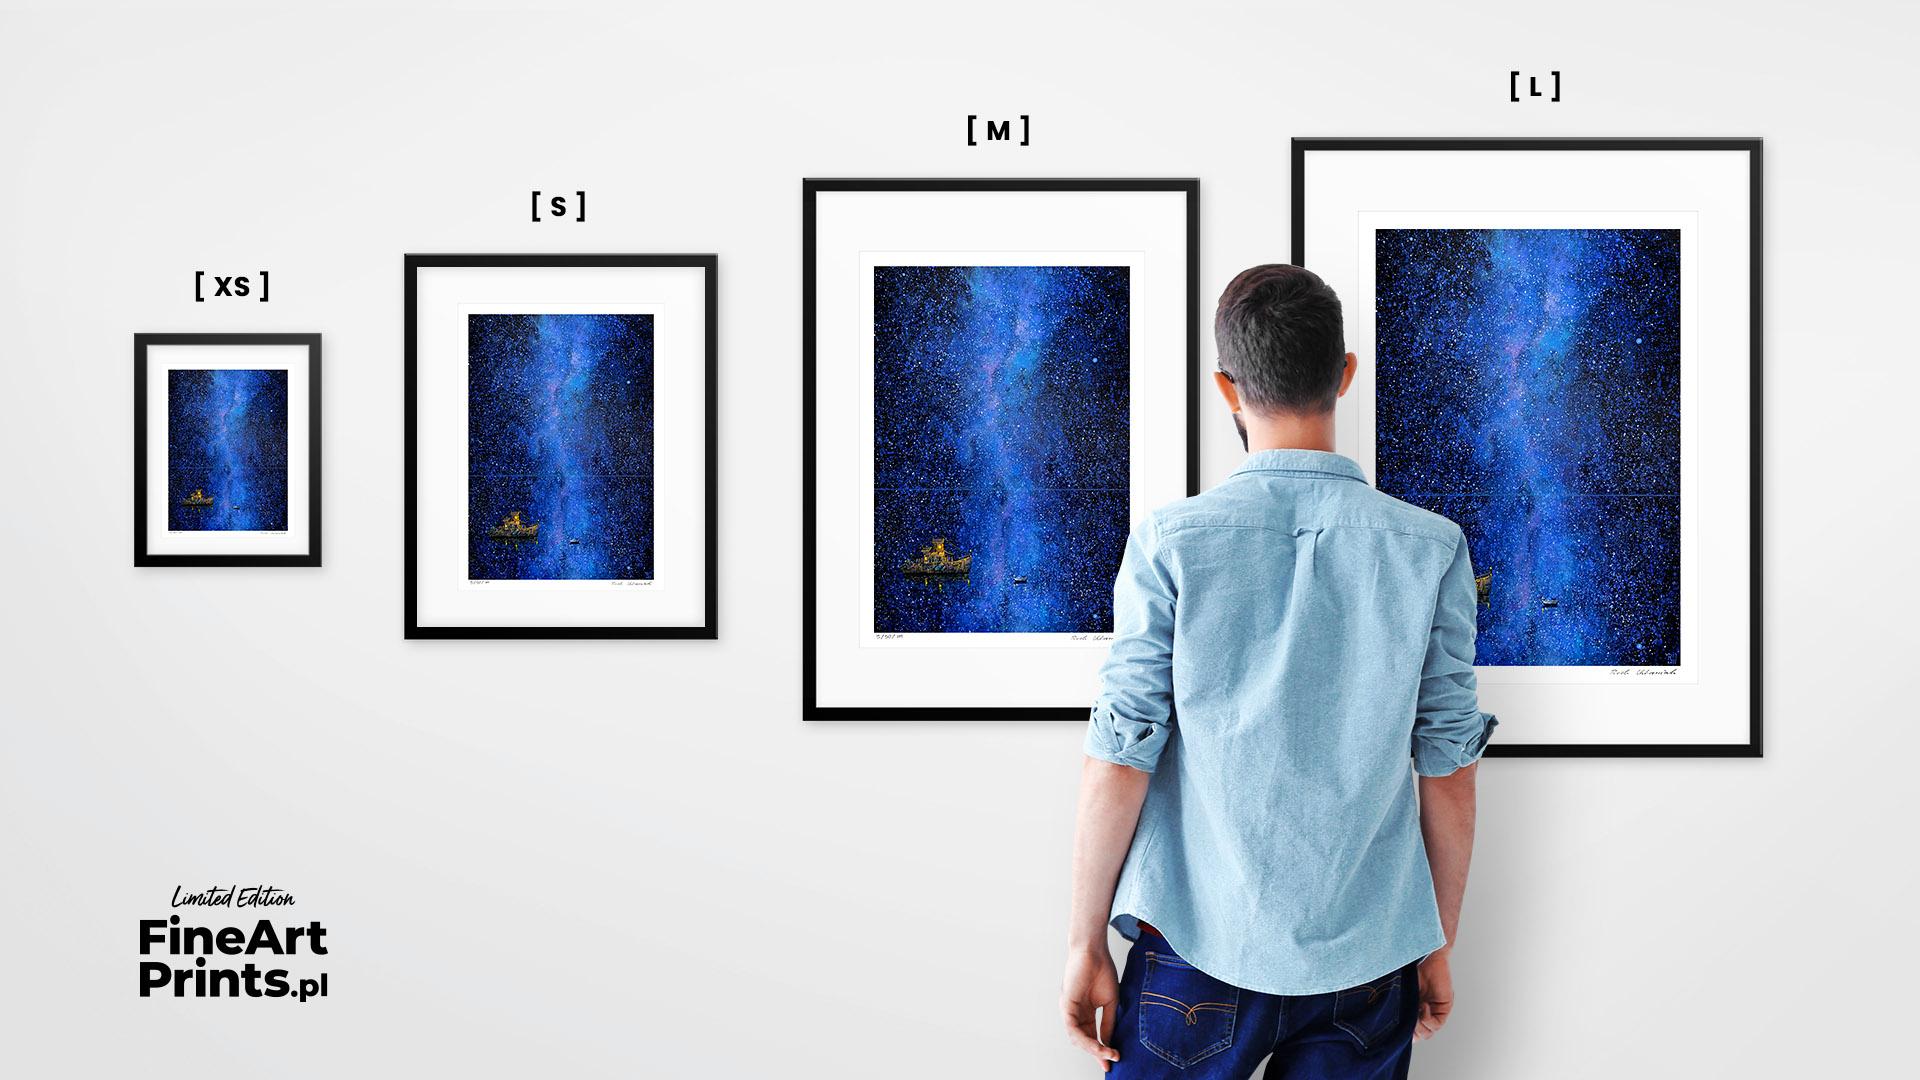 fine-art-prints-urbaniak-giclee-inkografia-reprodukcja-horyzont-gwiazd-rozmiary-pl